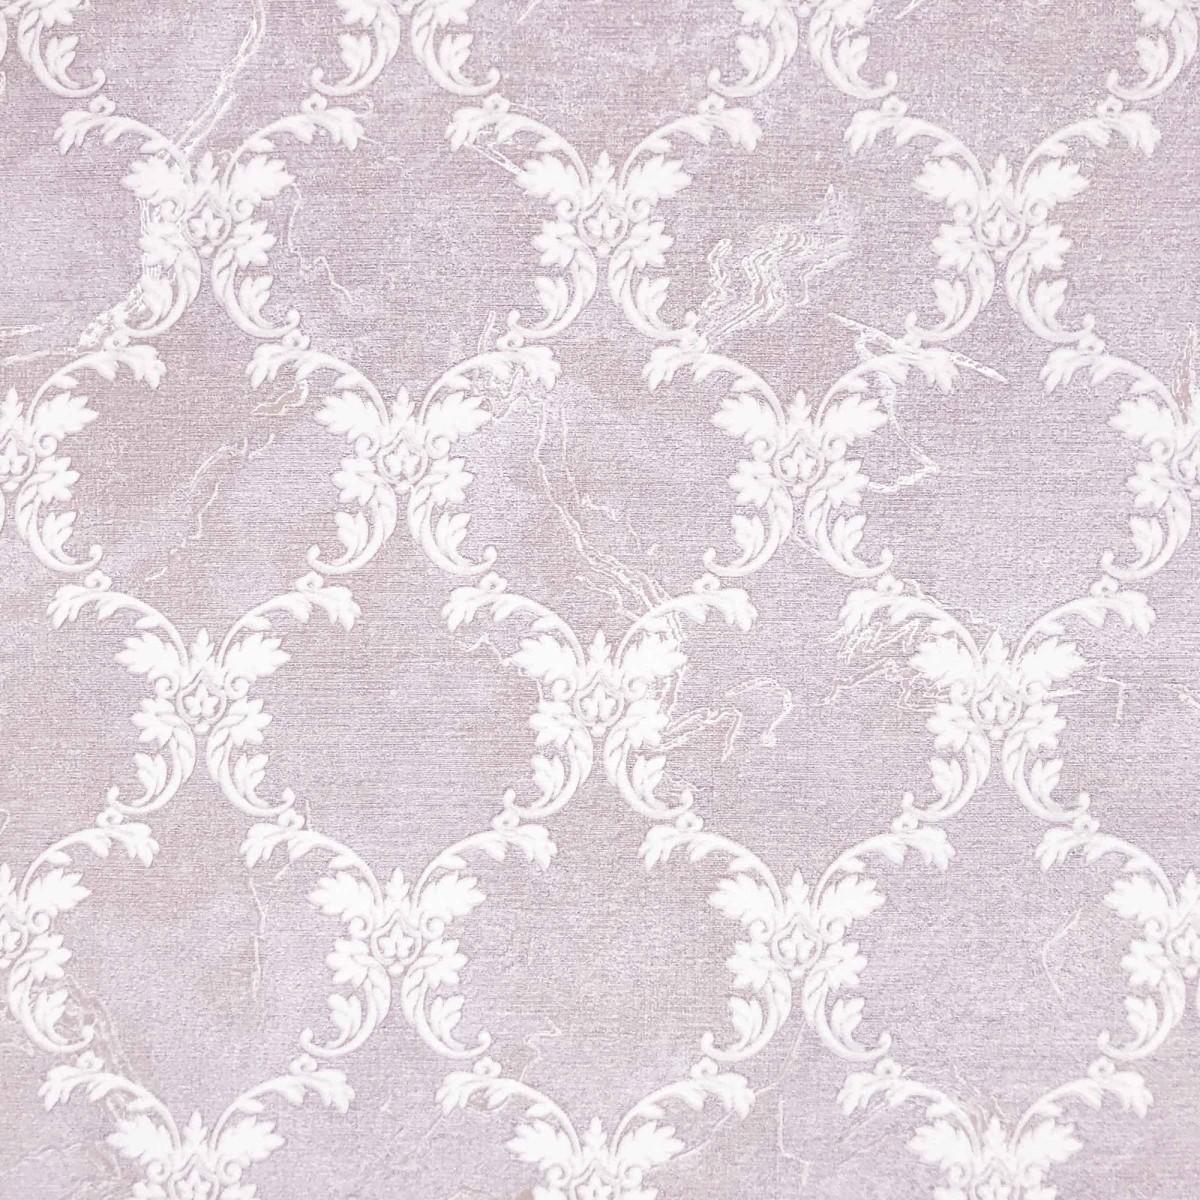 Декоративные обои Индустрия Ambra розовые 1.06 м 167062-94